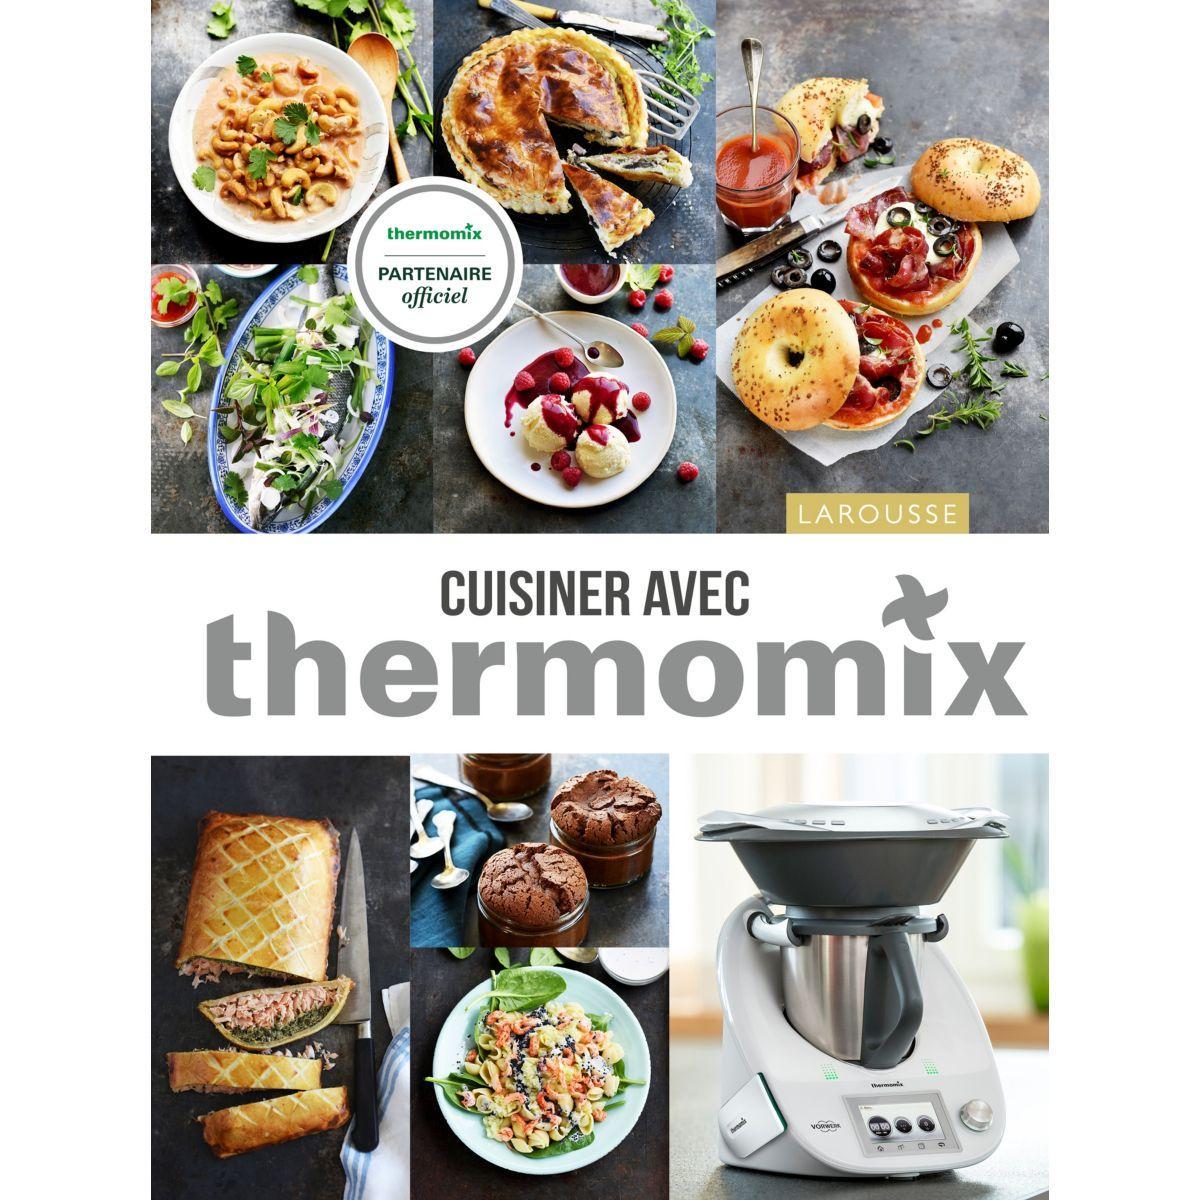 Livre de cuisine larousse cuisiner avec thermomix - 10% de remise imm�diate avec le code : deal10 (photo)